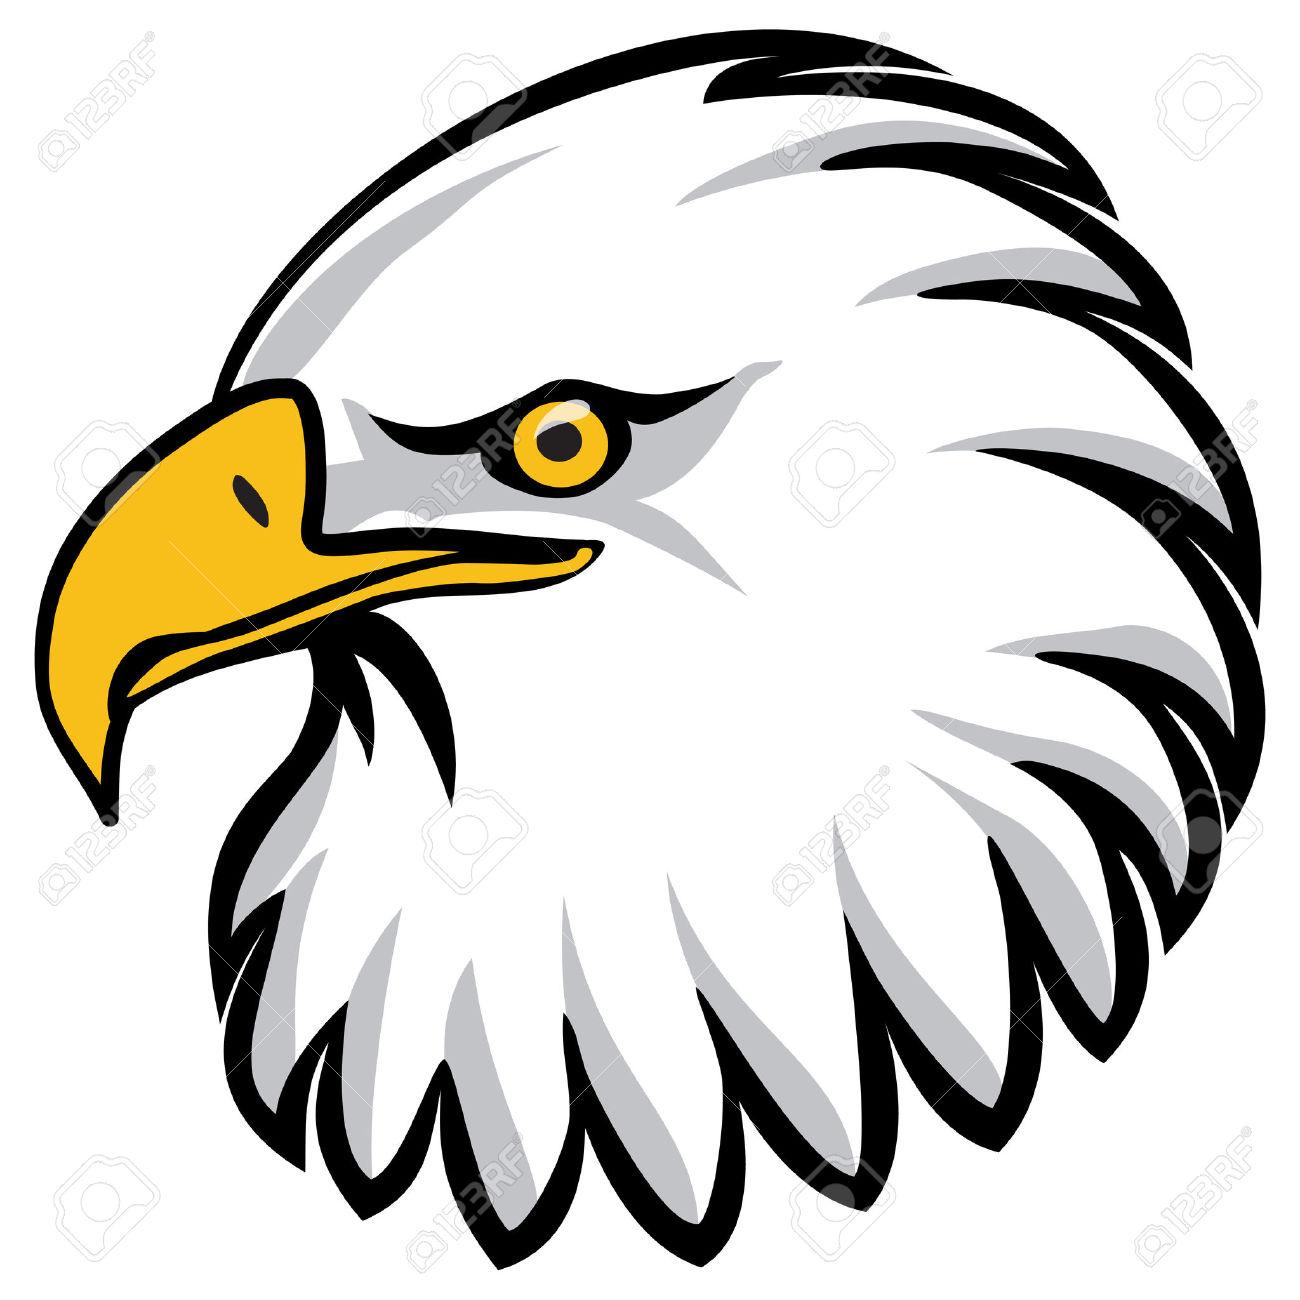 Eagle clipart. Air force